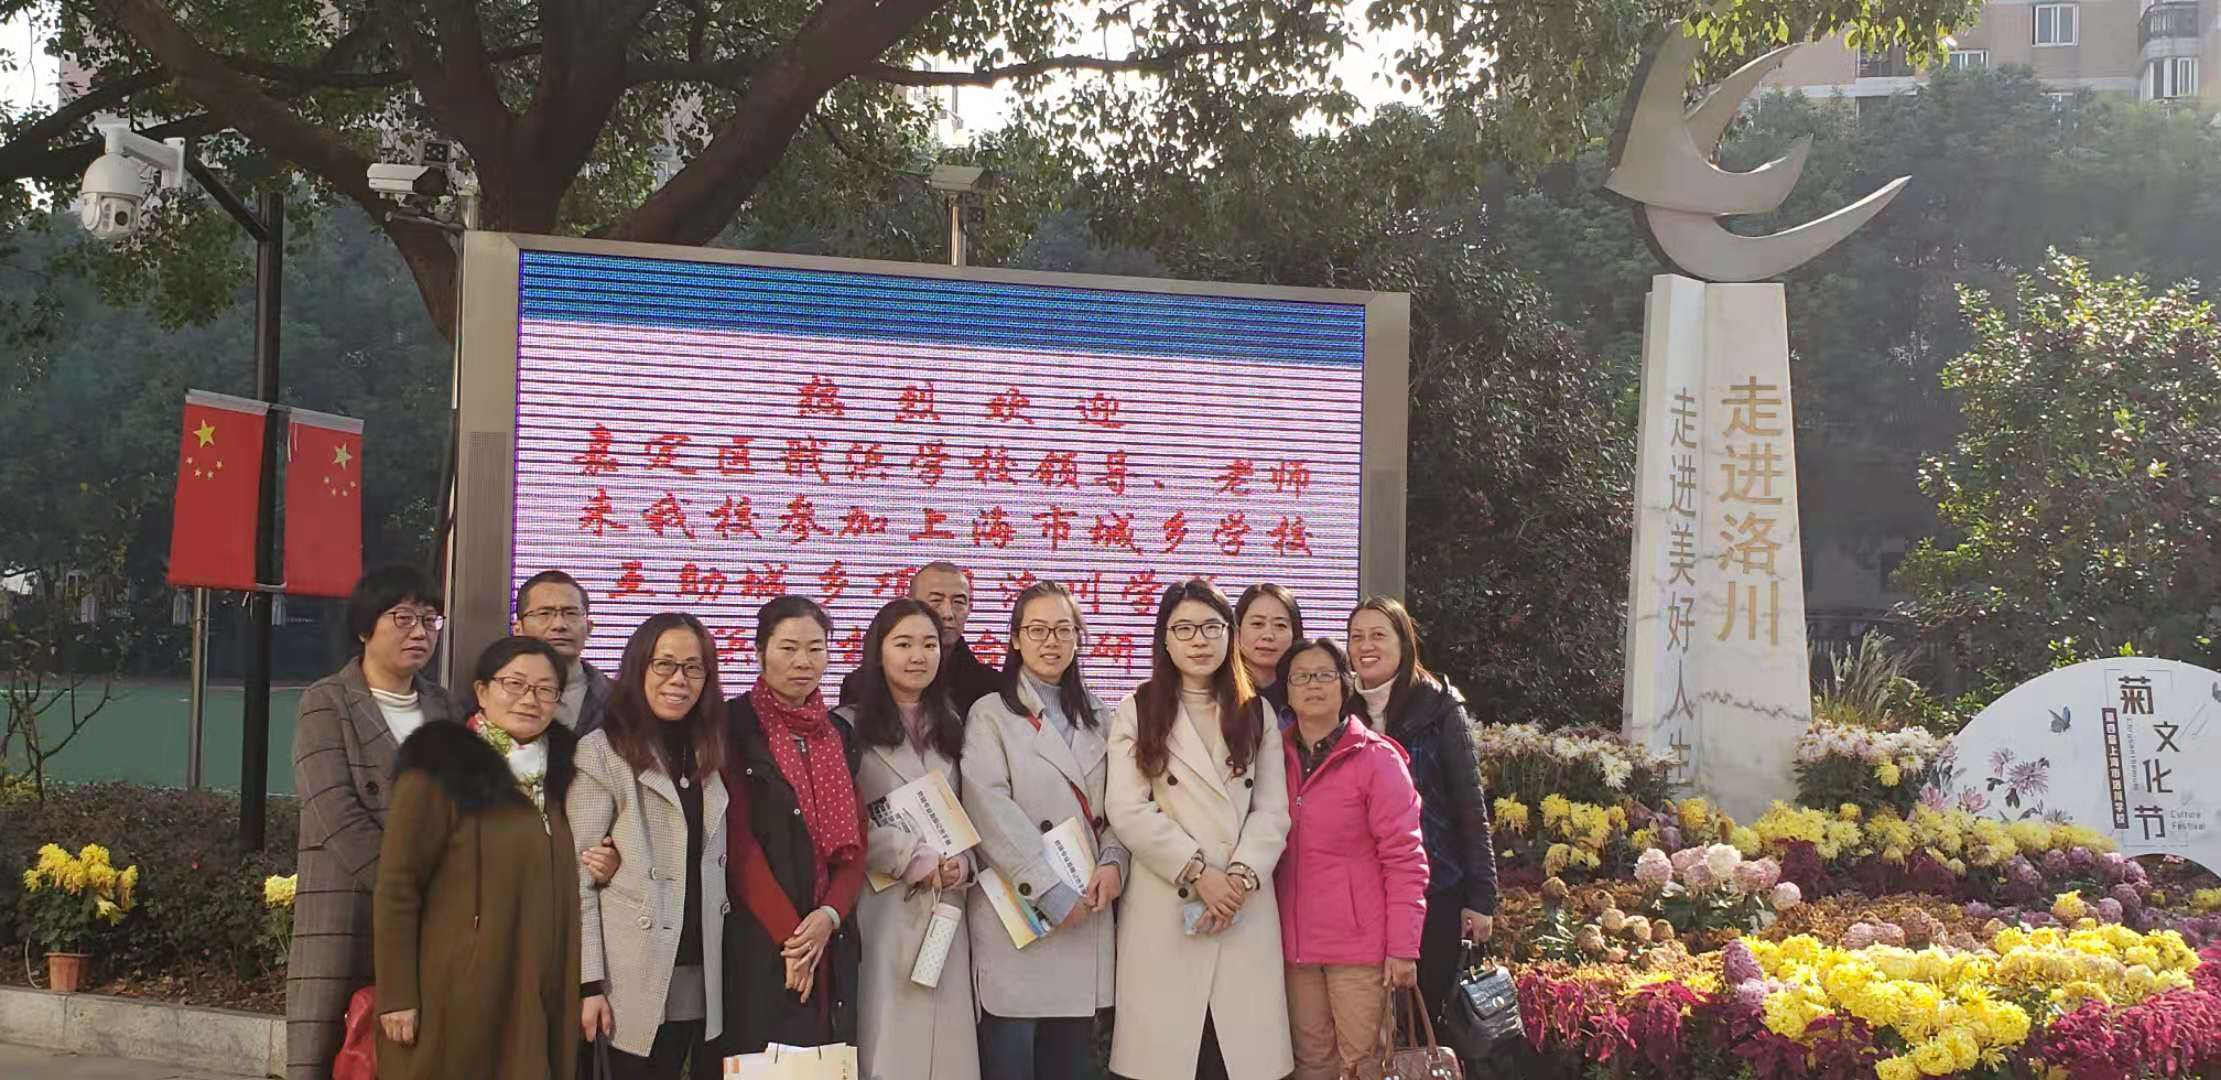 上海市洛川学校与嘉定区戬浜学校举行初中联合教研活动